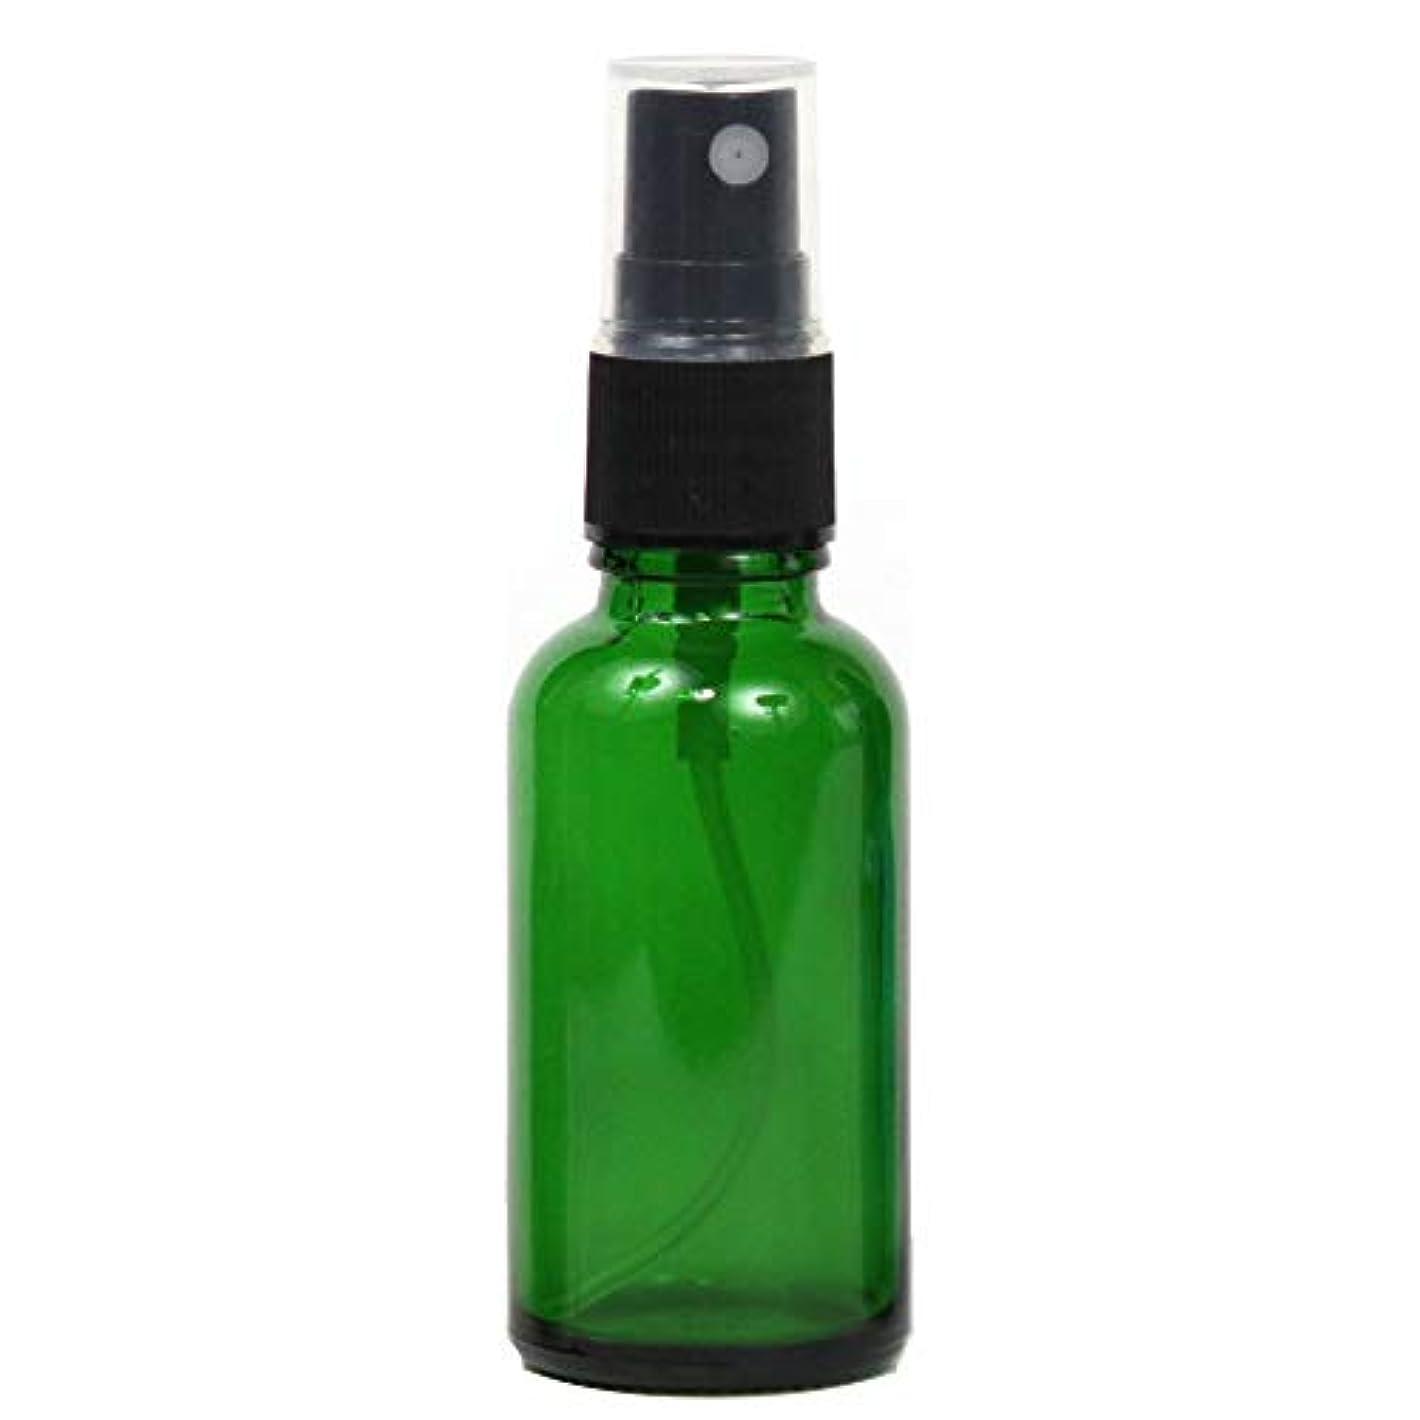 識字ワークショップ伸ばすスプレーボトル 30mL ガラス遮光性グリーン 瓶 空容器 グリーン 4個